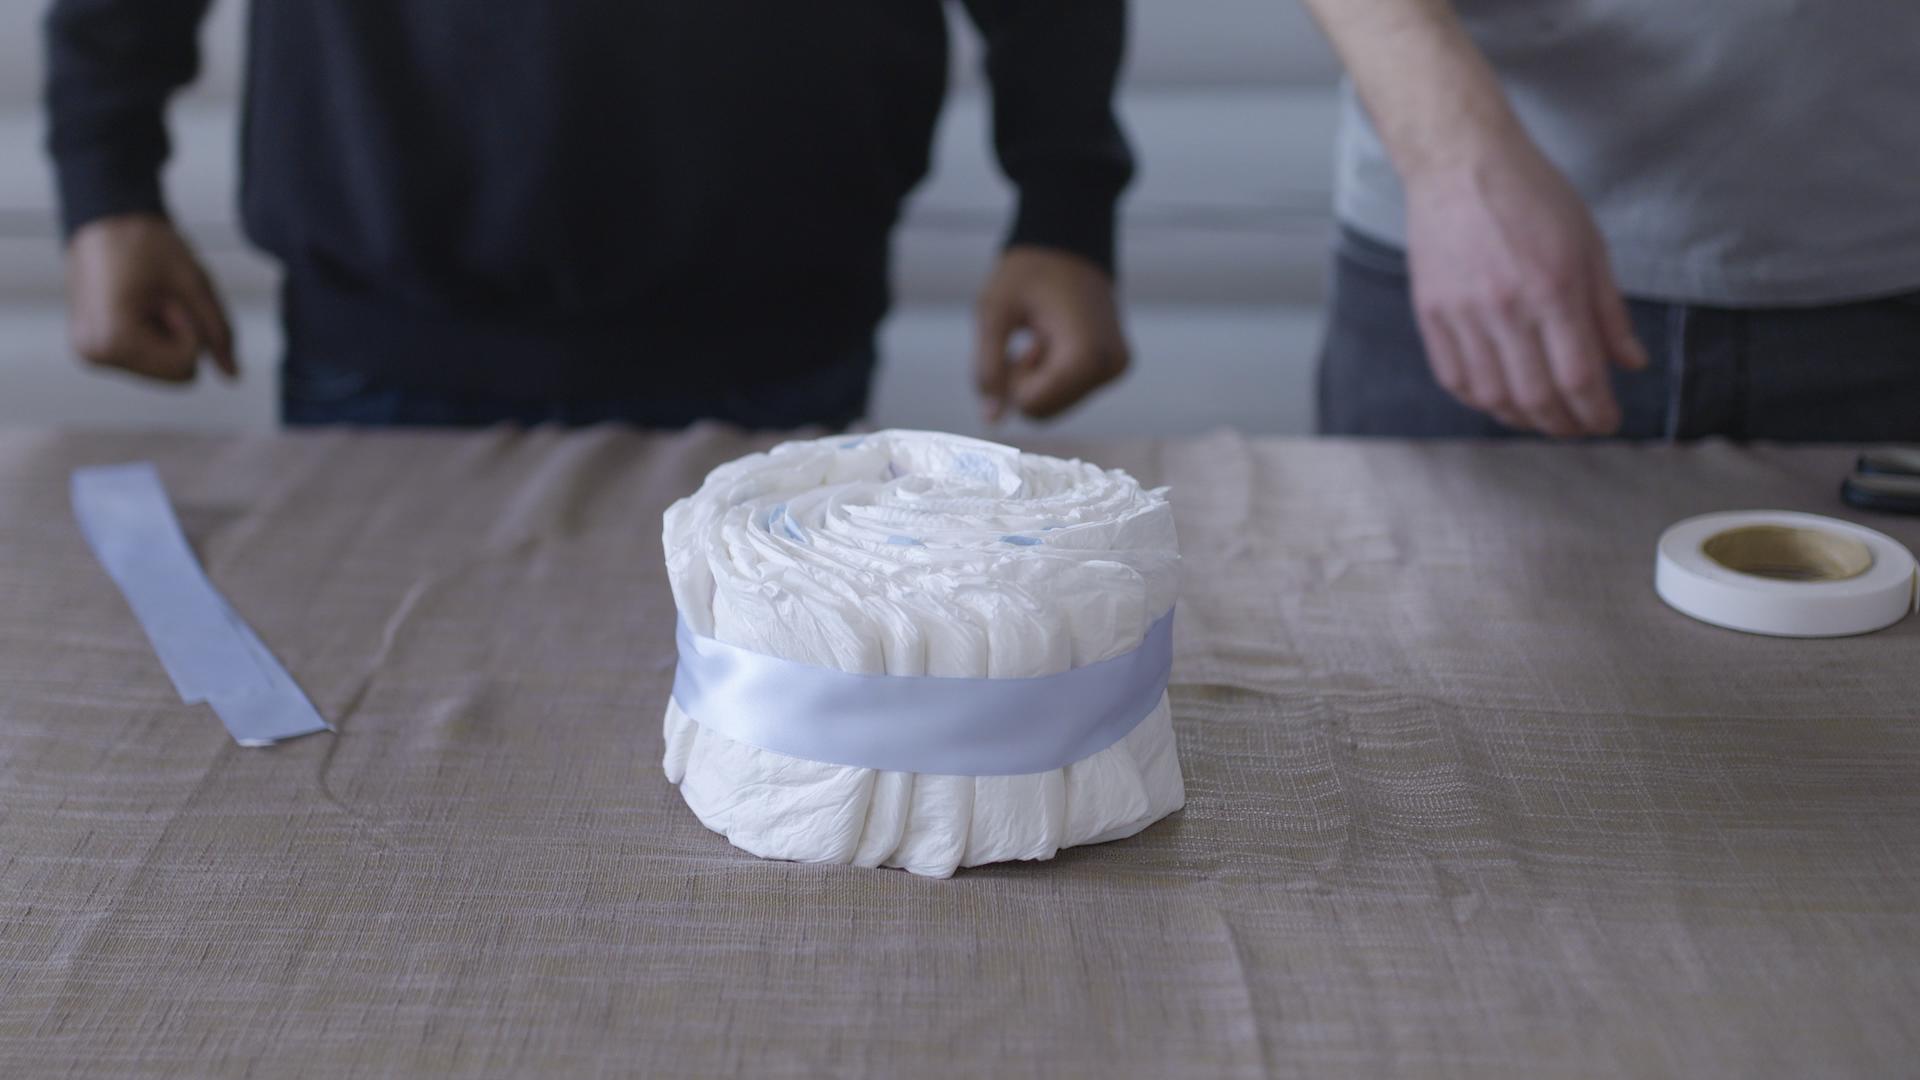 Klipp til silkebåndet og trekk det rundt hjulet, slik at det dekker til strikken. Fest det med dobbelsidig teip.